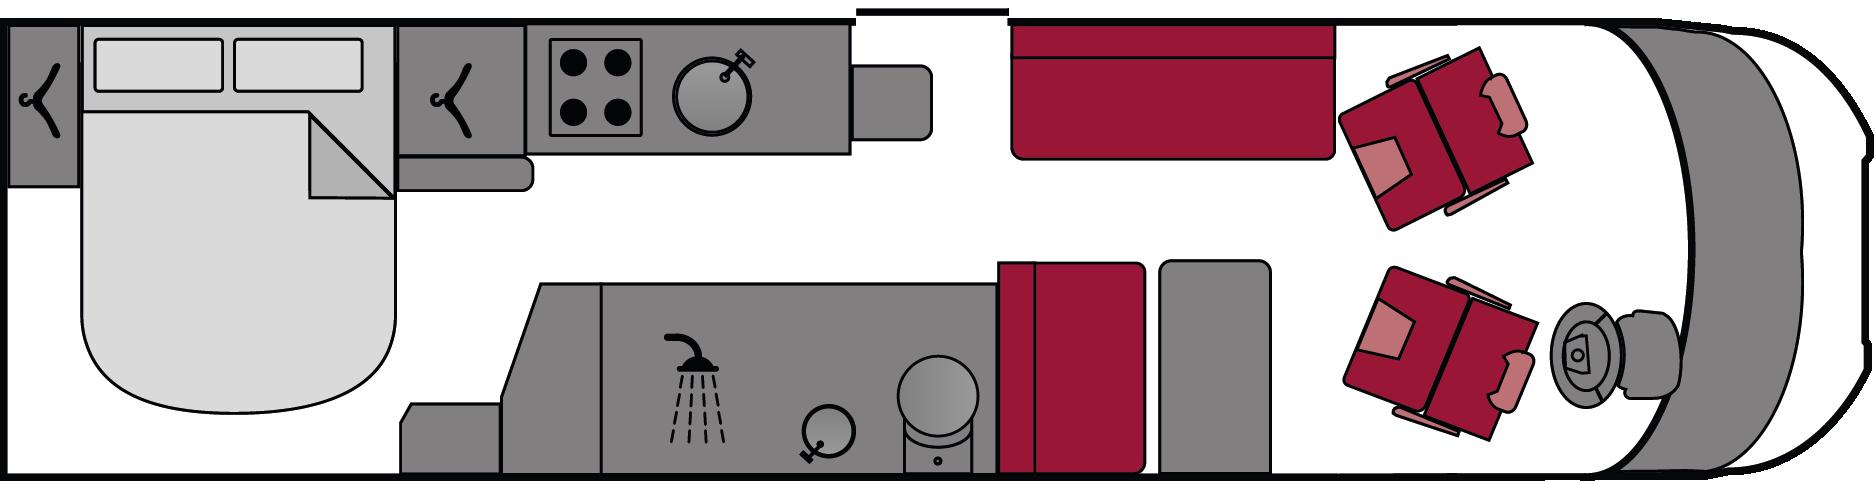 Swift Bessacarr 494 2015 Floorplan